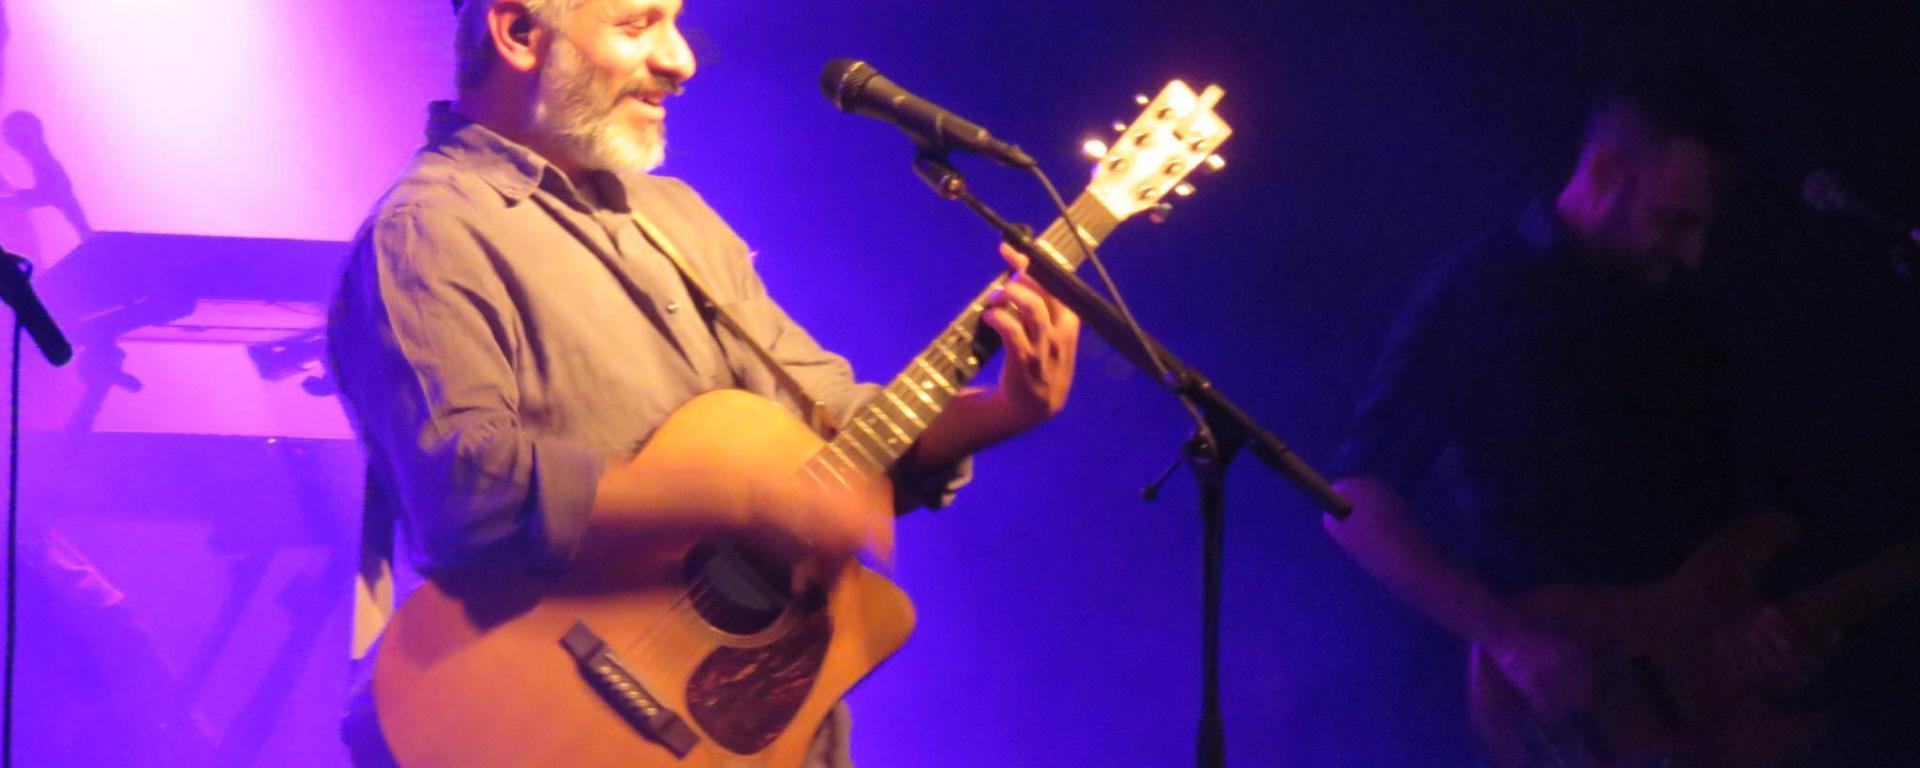 אביתר בנאי, הופעה חיה, הופעות בבארבי, הופעה בתל אביב, מוזיקה, מוסיקה ישראלית